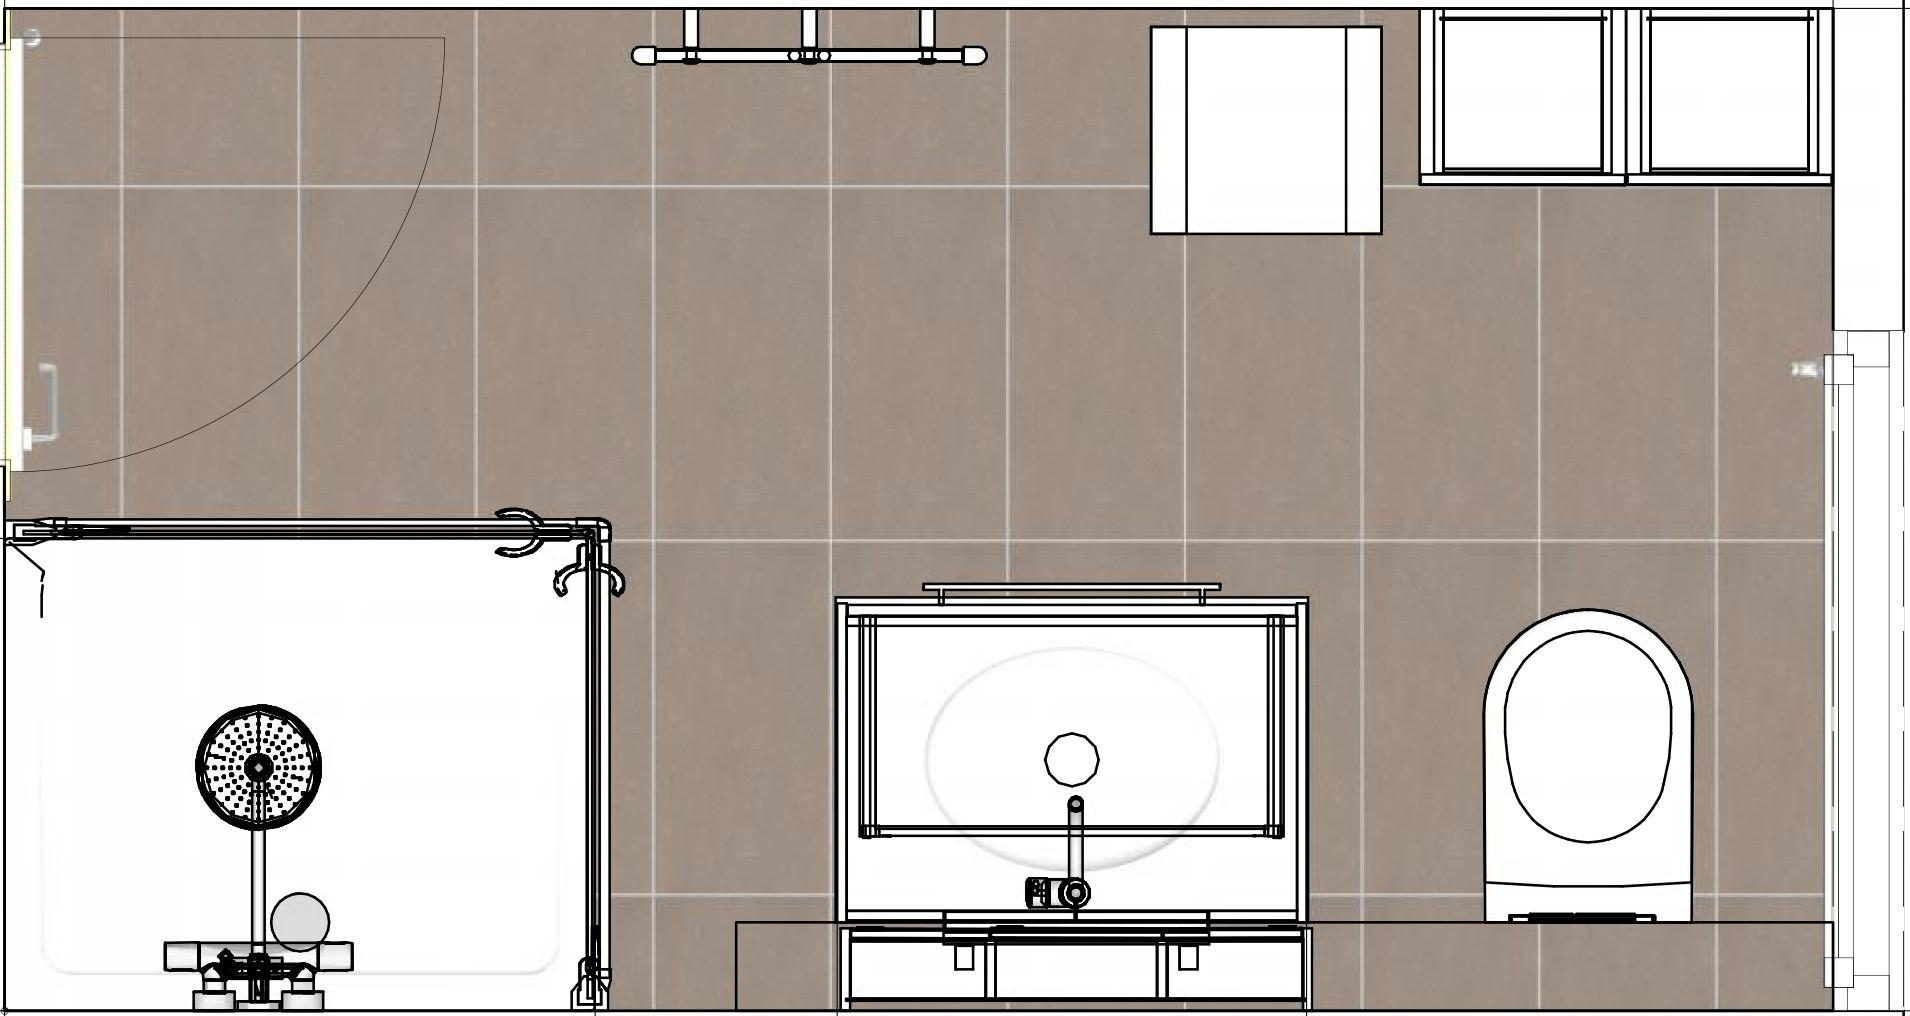 ... Badezimmer Plan Badezimmer Grundriss Bilder Ideen Couchstyle ...